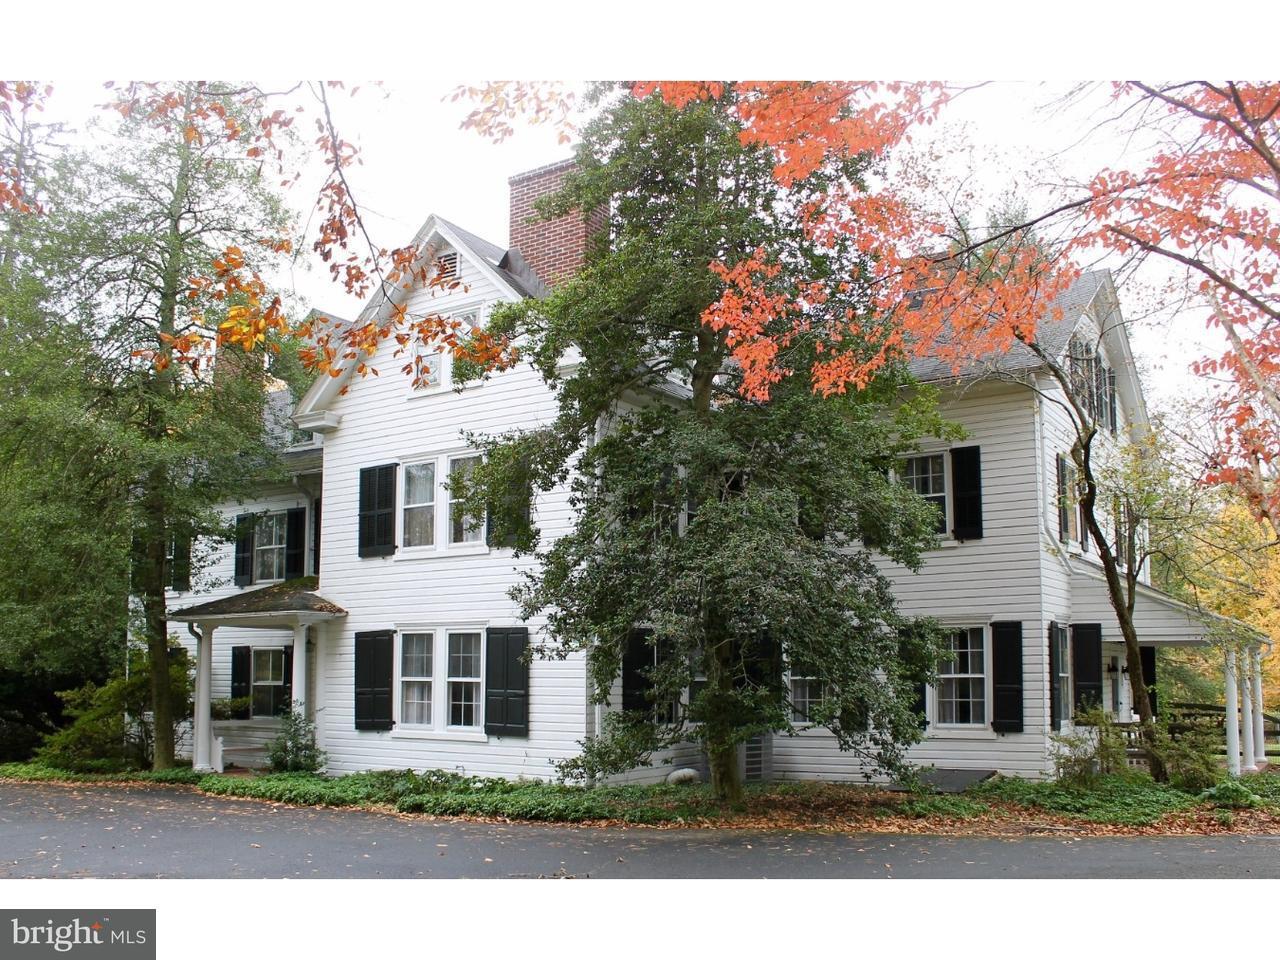 独户住宅 为 销售 在 501 PENLLYN PIKE Blue Bell, 宾夕法尼亚州 19422 美国